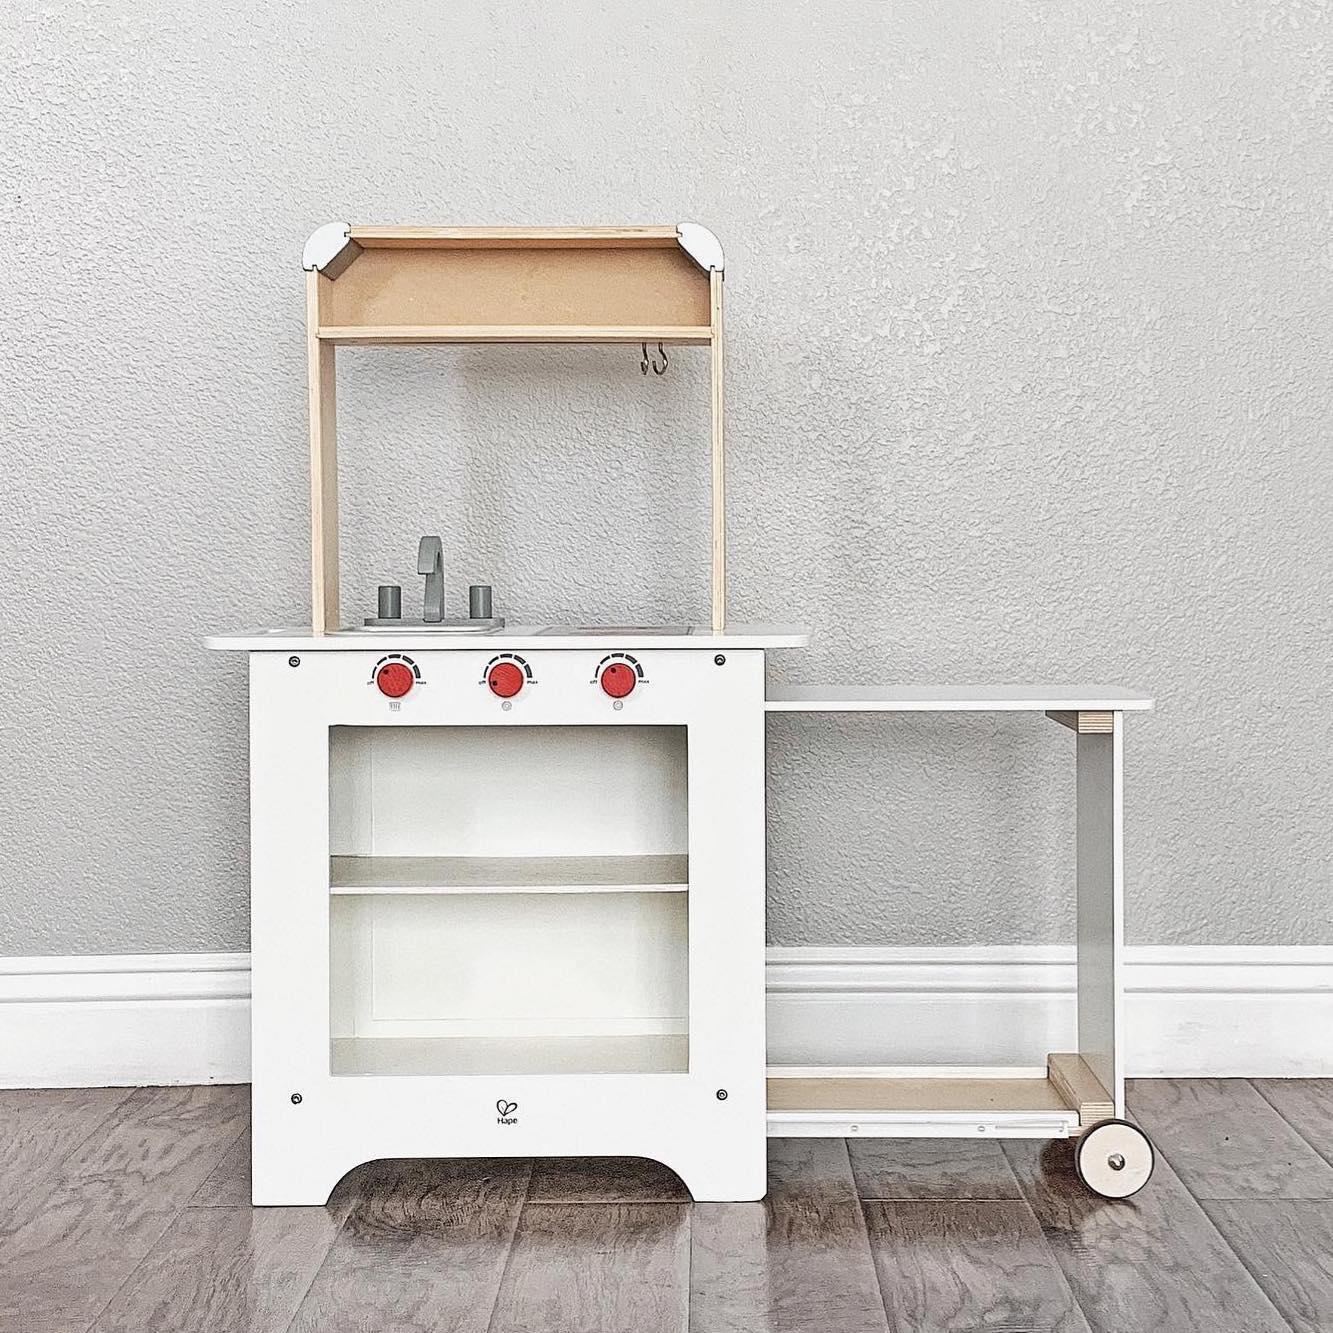 Hape Pretend Play Kitchen - After Restoration